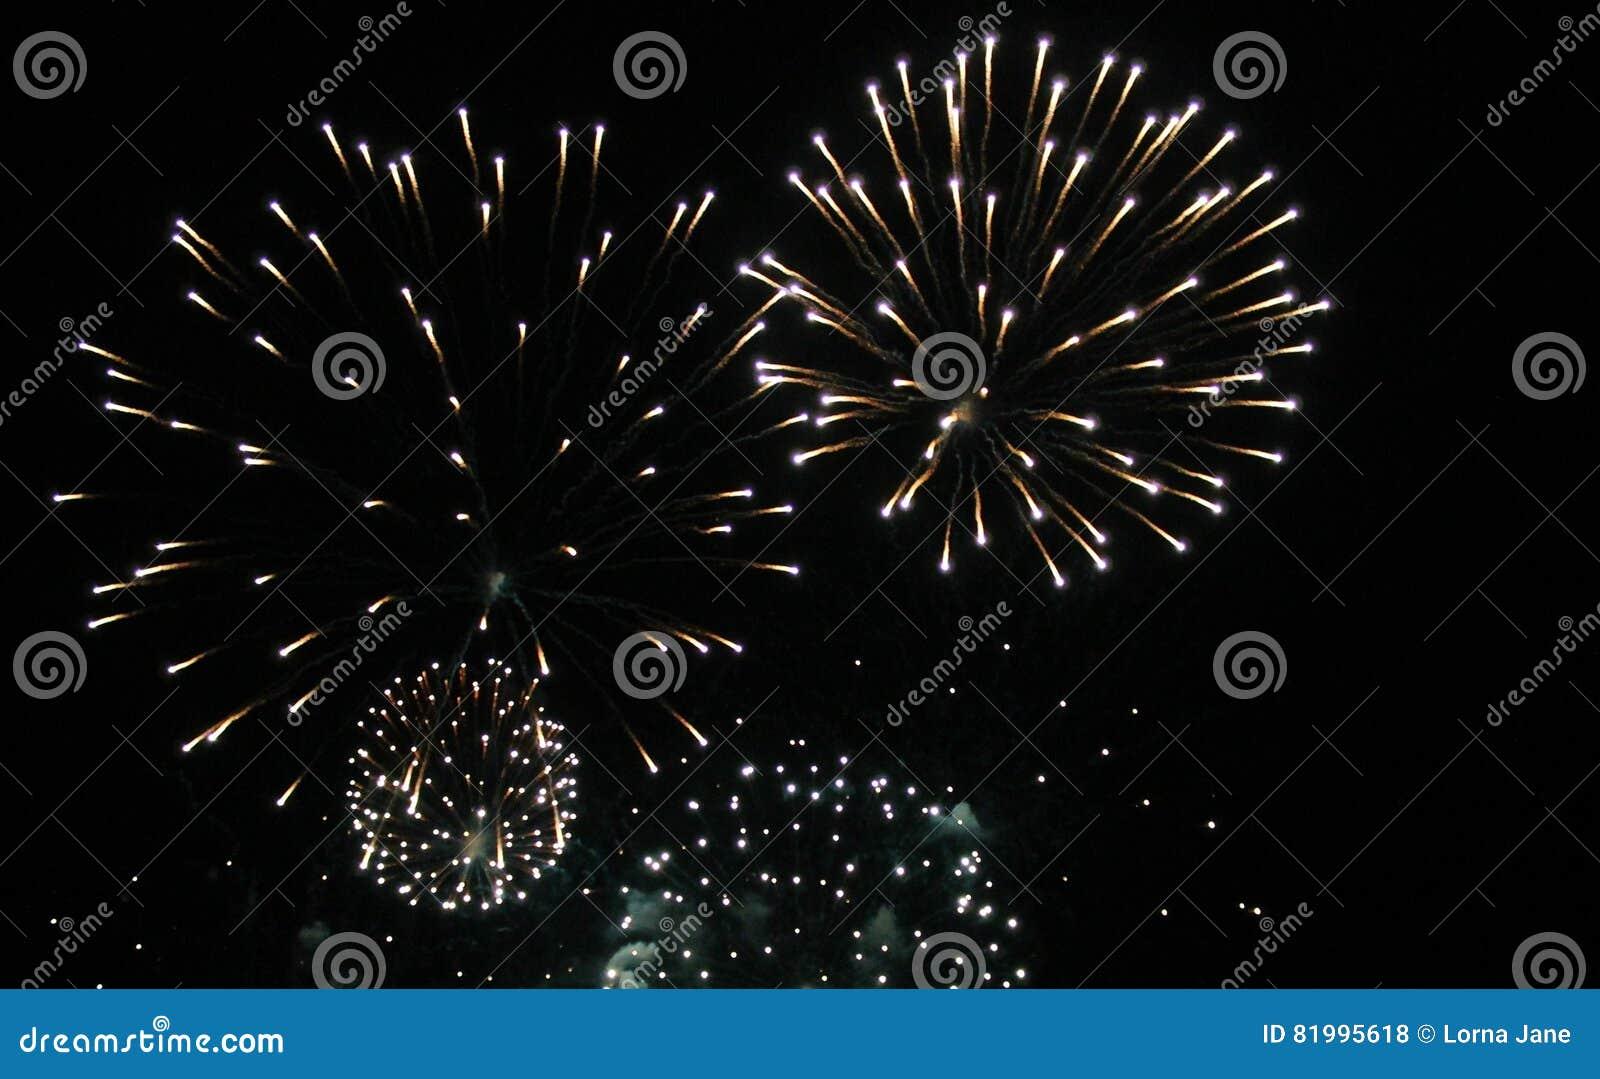 Фейерверки освещают вверх небо с ослеплять дисплеем